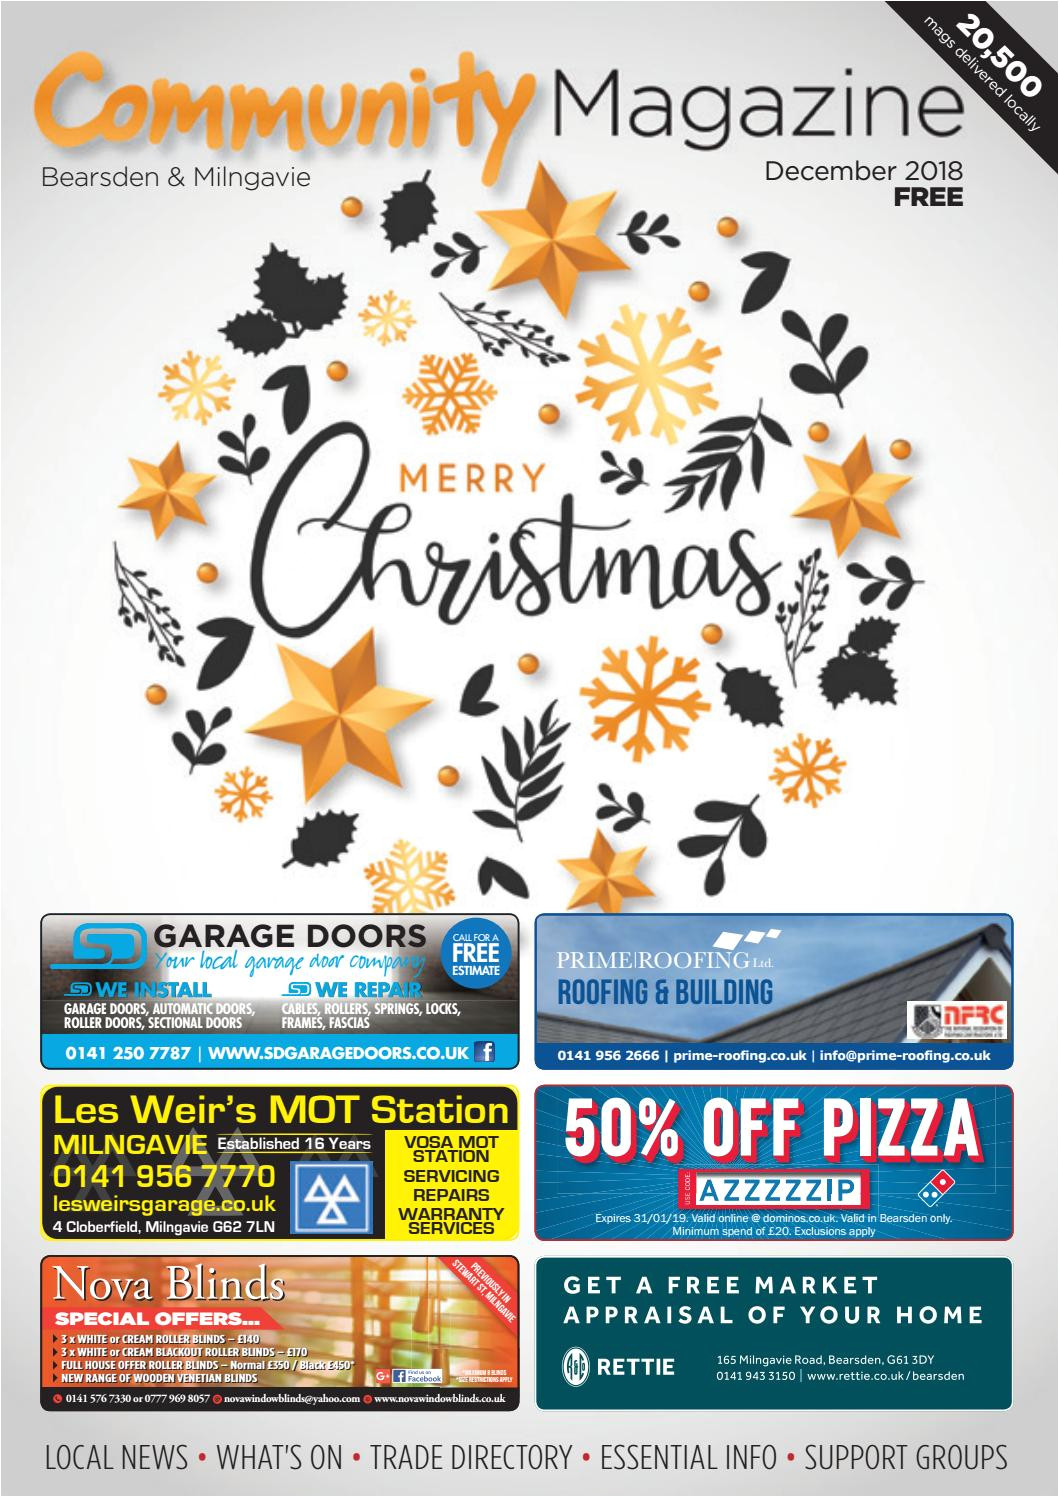 bearsden milngavie community magazine december 2018 by community advertiser magazine issuu